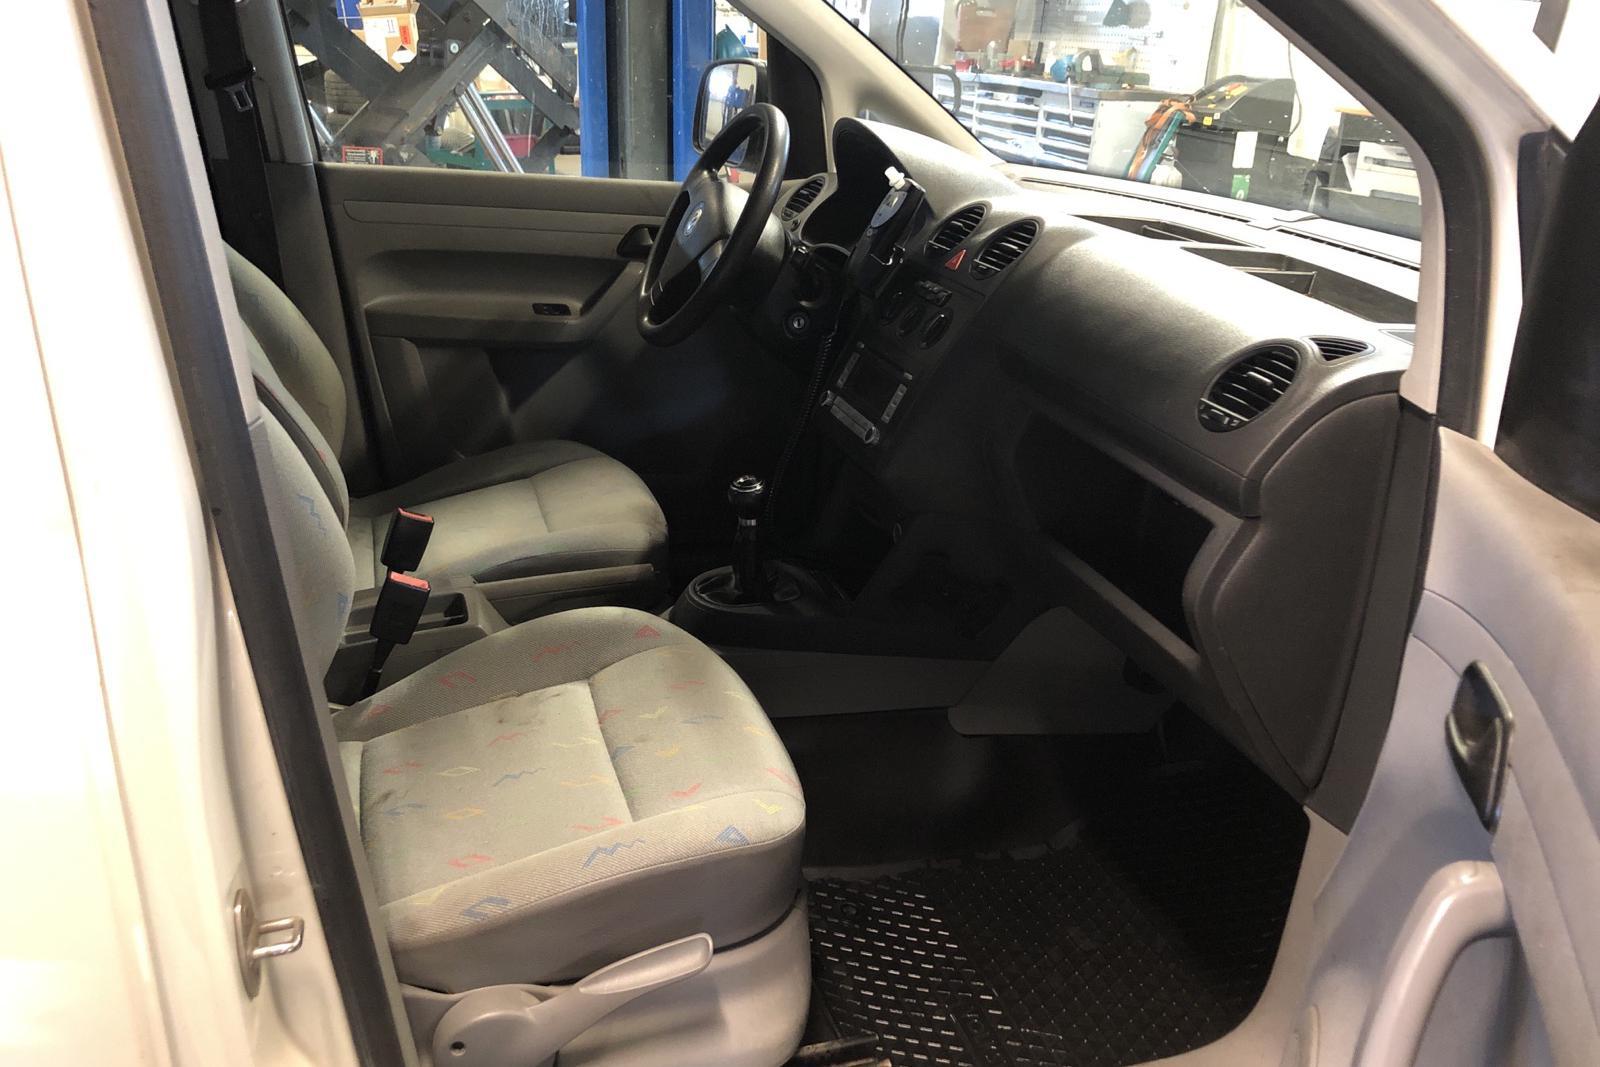 VW Caddy 1.9 TDI Skåp 4motion (105hk) - 191 660 km - Manual - white - 2009